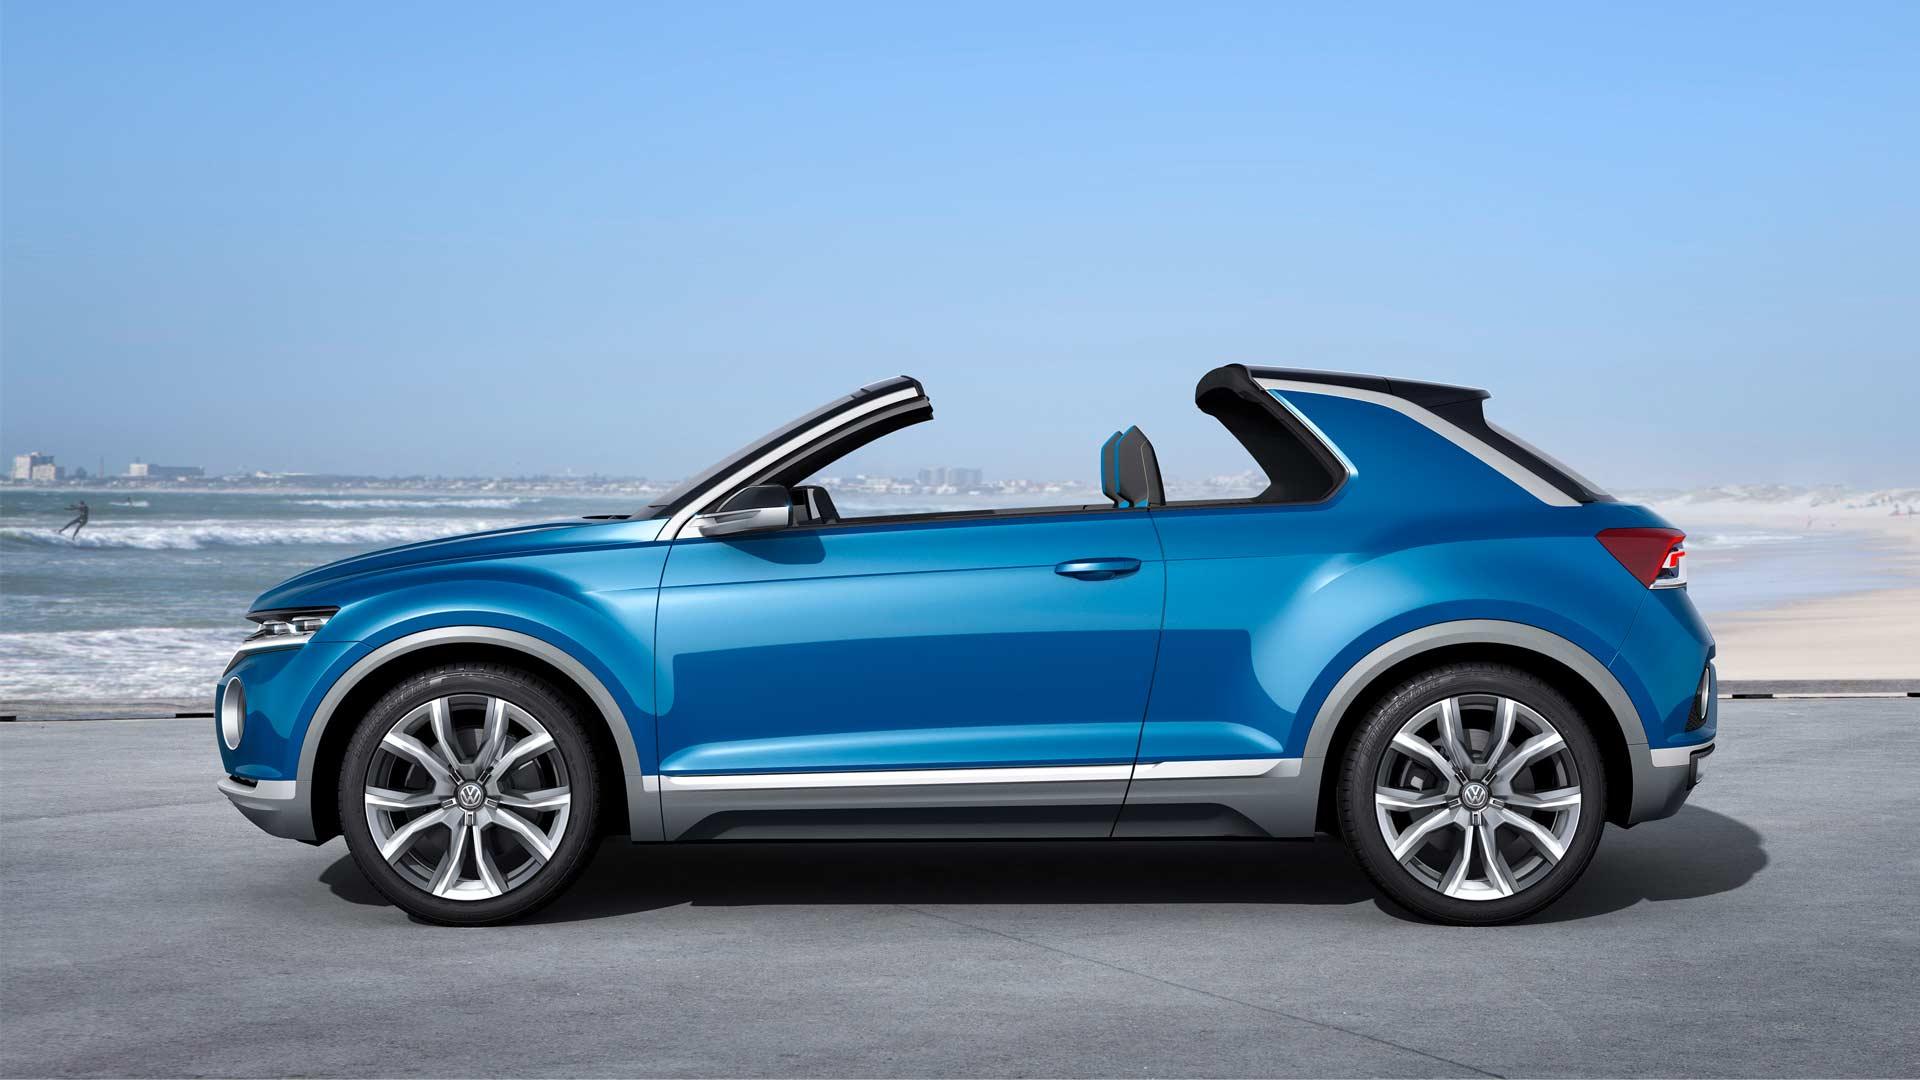 Volkswagen-T-Roc-Convertible-Concept